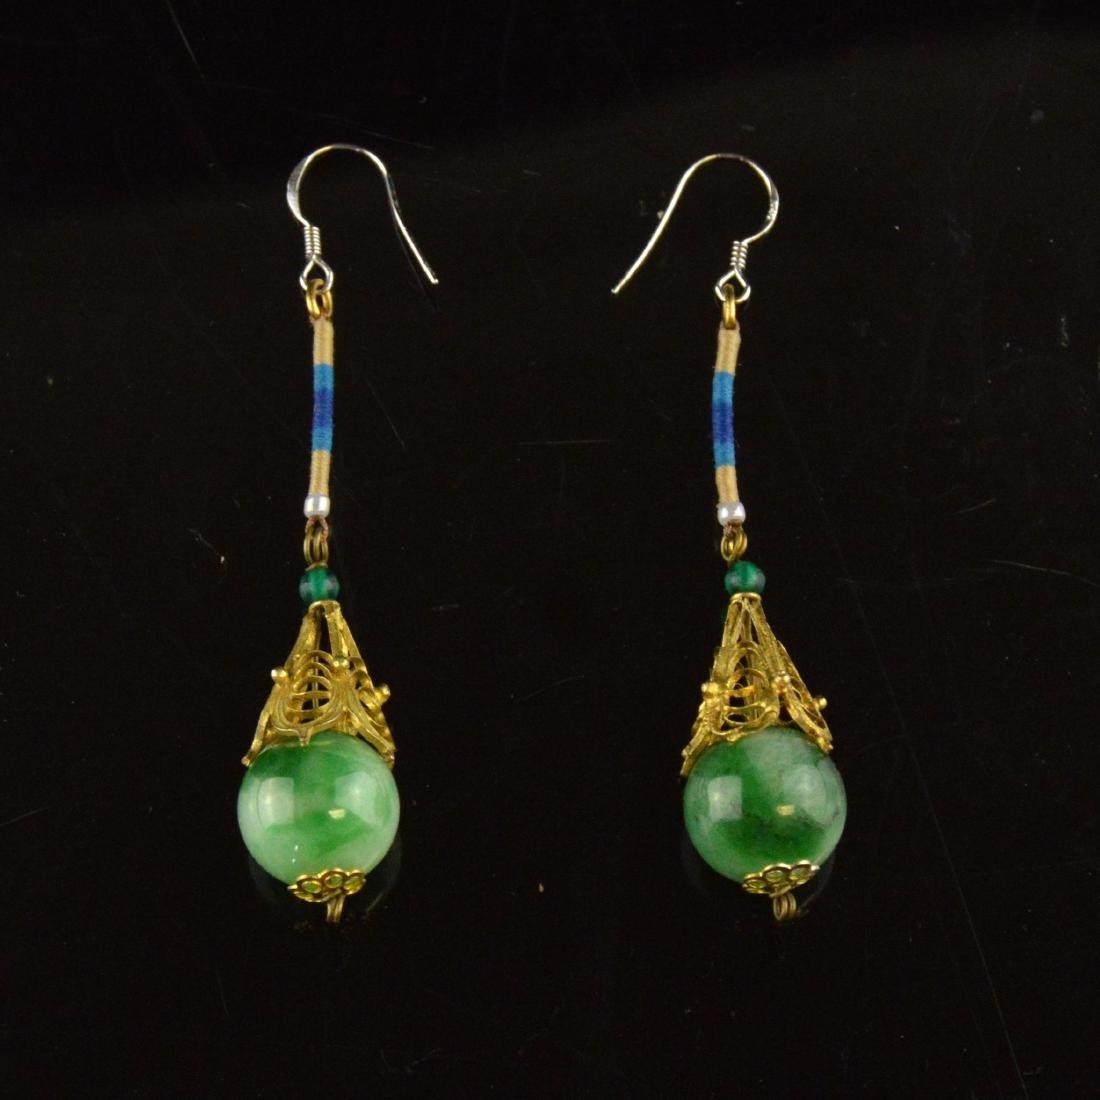 Old Jadeite Earring Pair